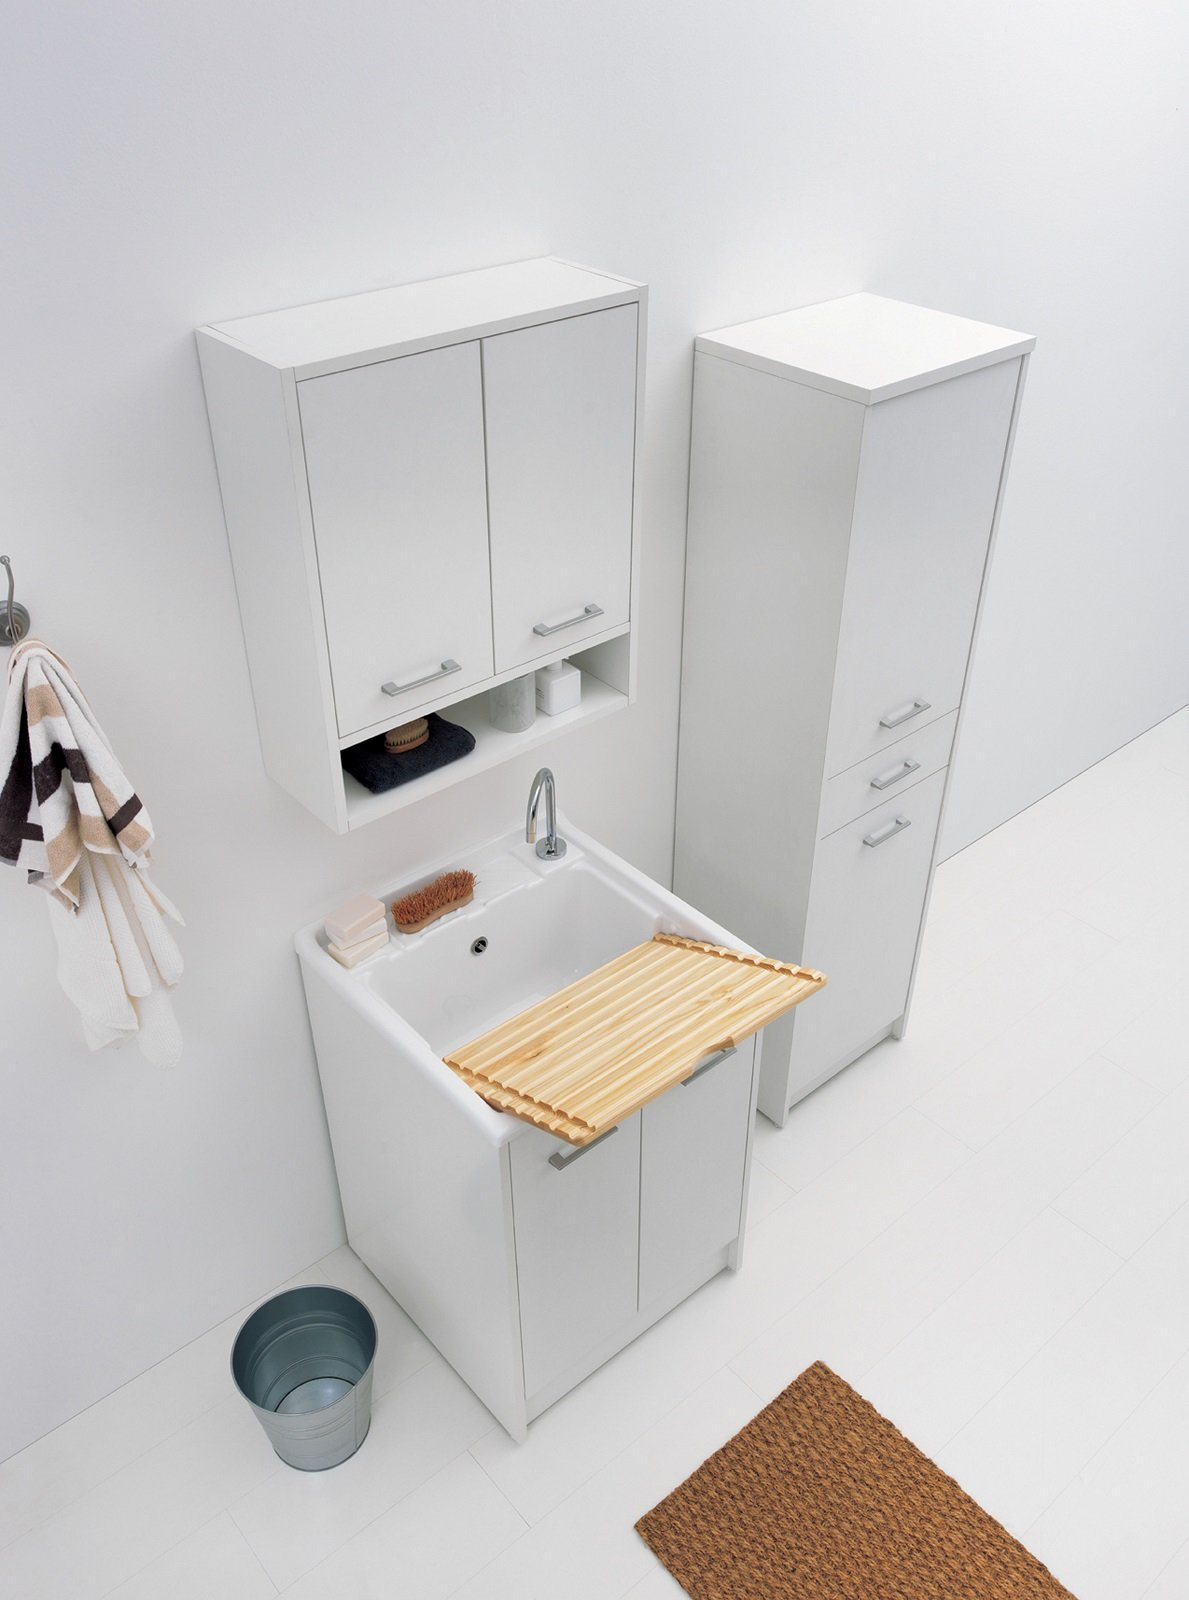 Lavanderia in un mobile o in una stanza separata cose - Mobili per lavanderia domestica ...